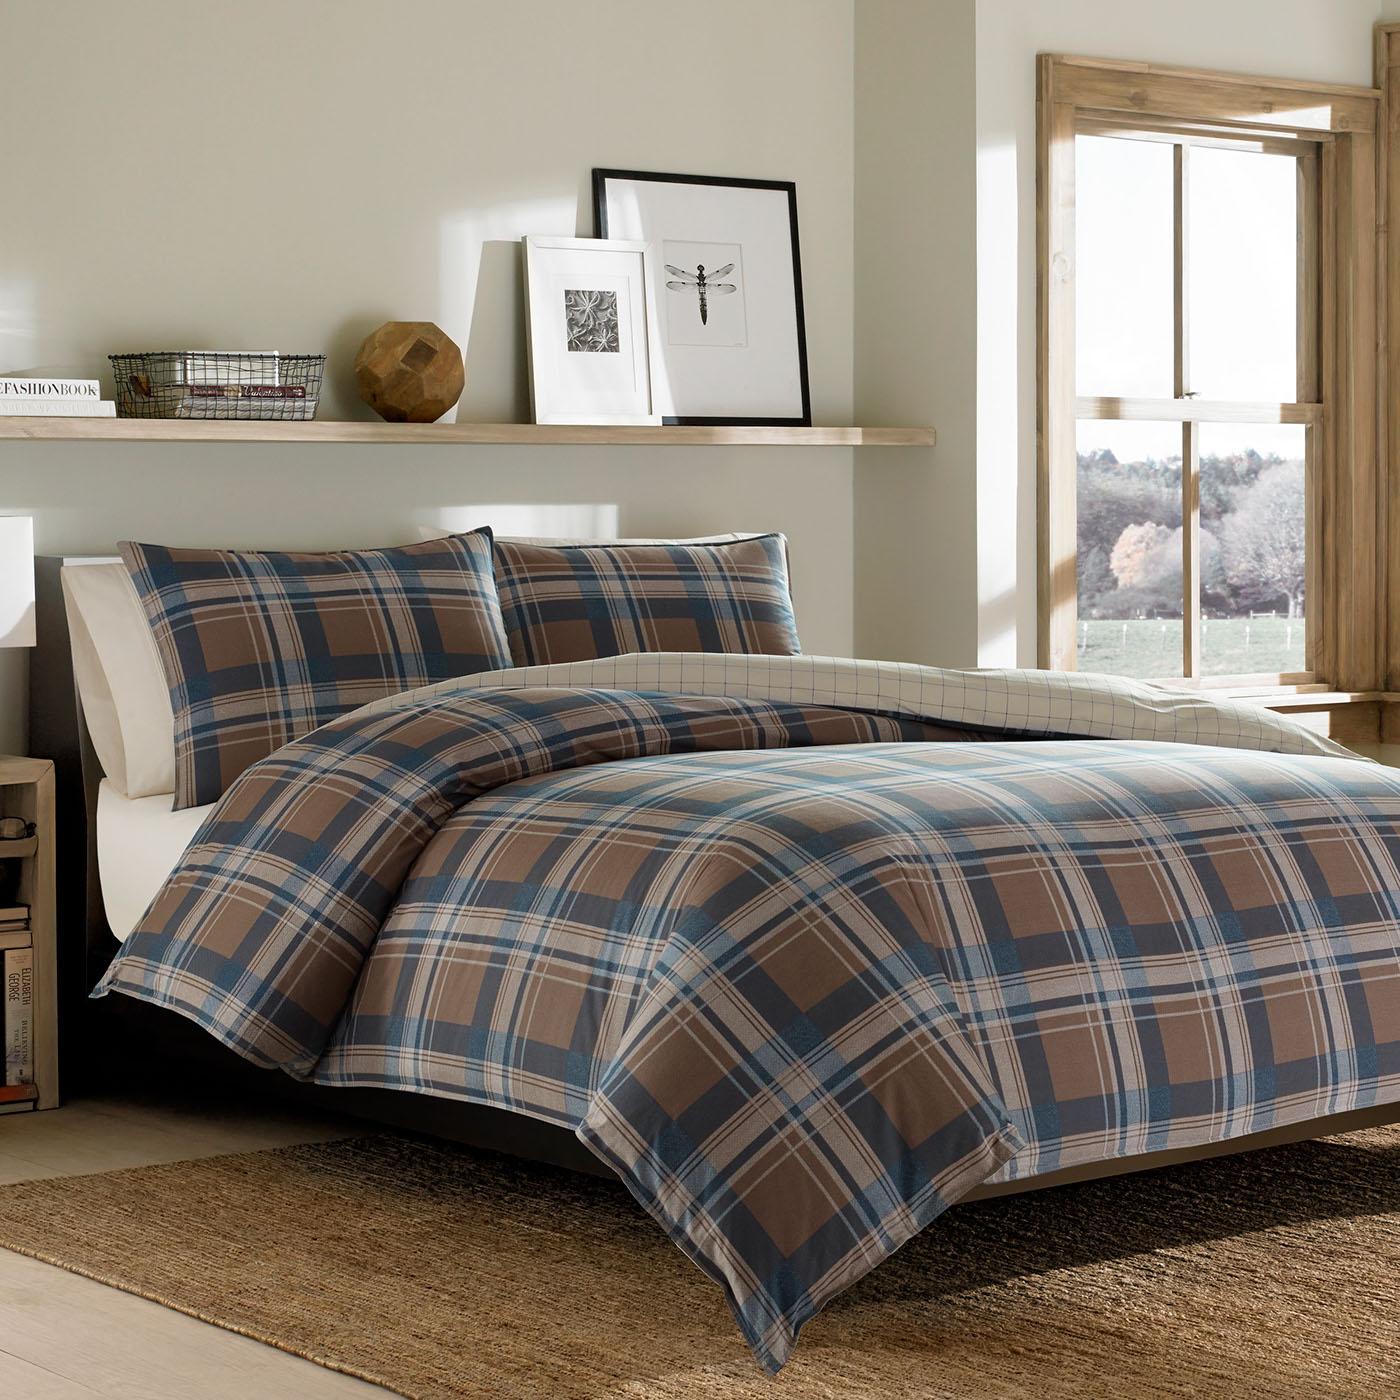 ads eddie bauer washington bed airstream image bedding